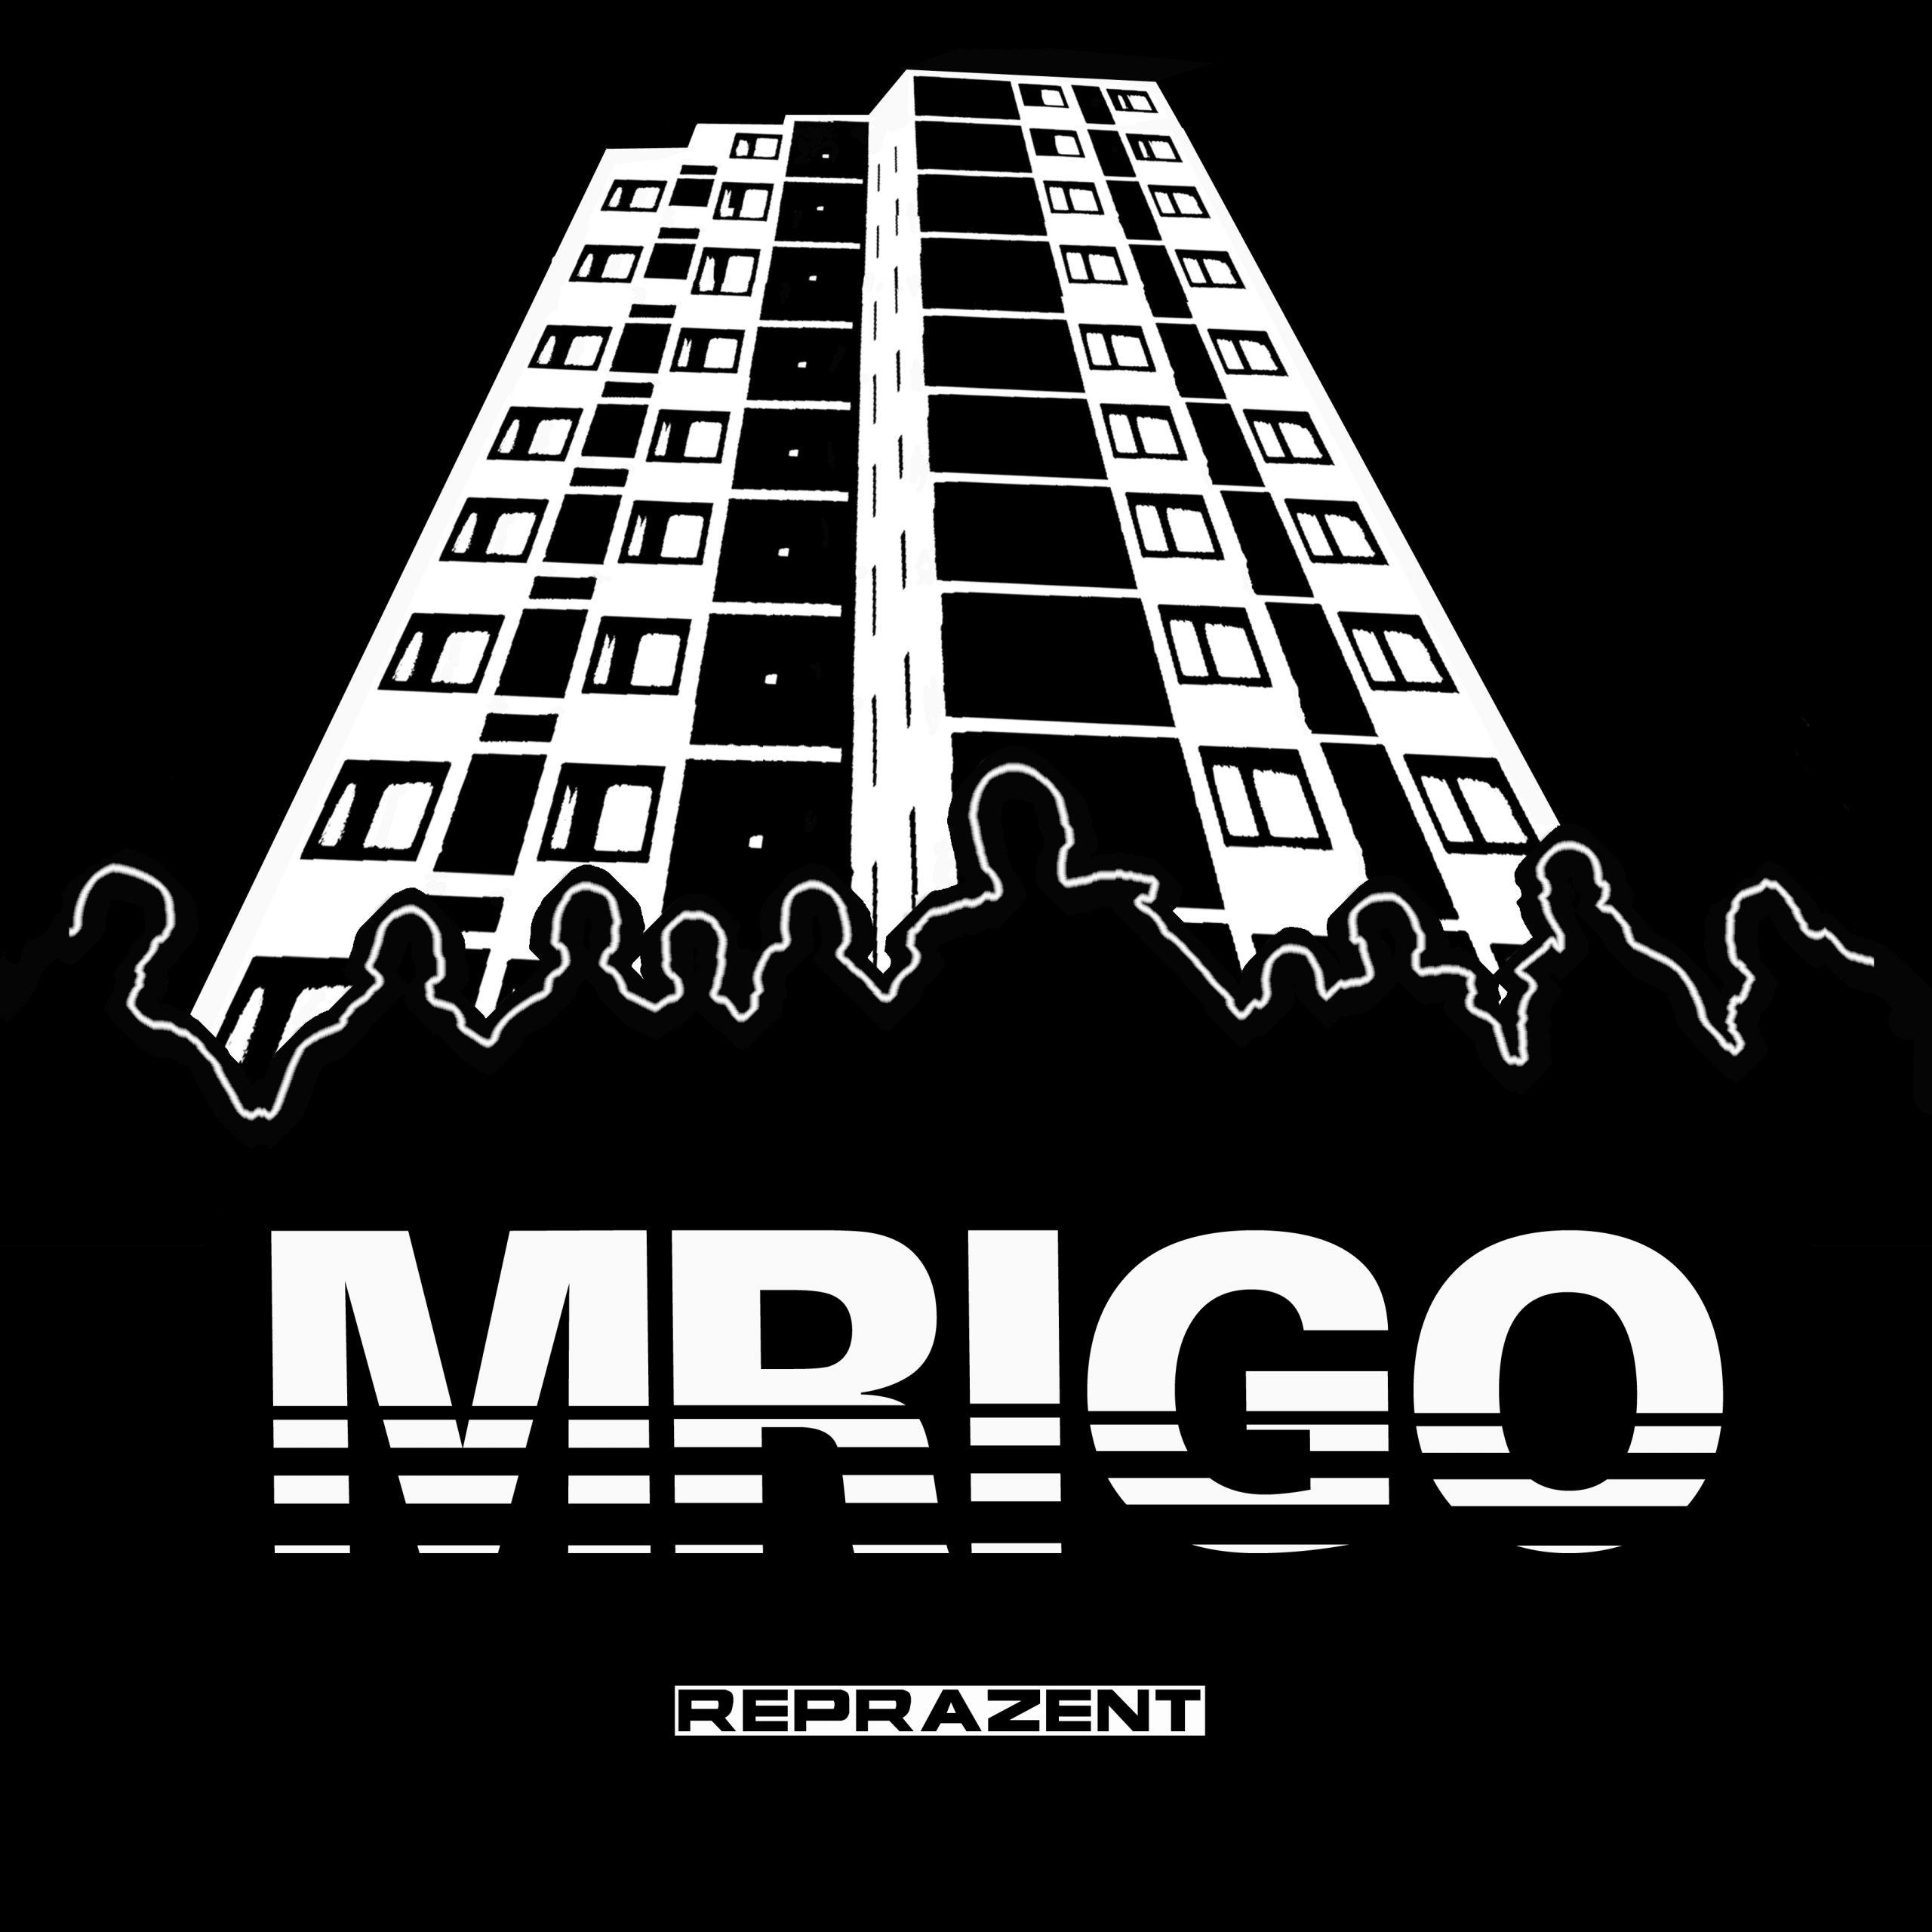 MRIGO